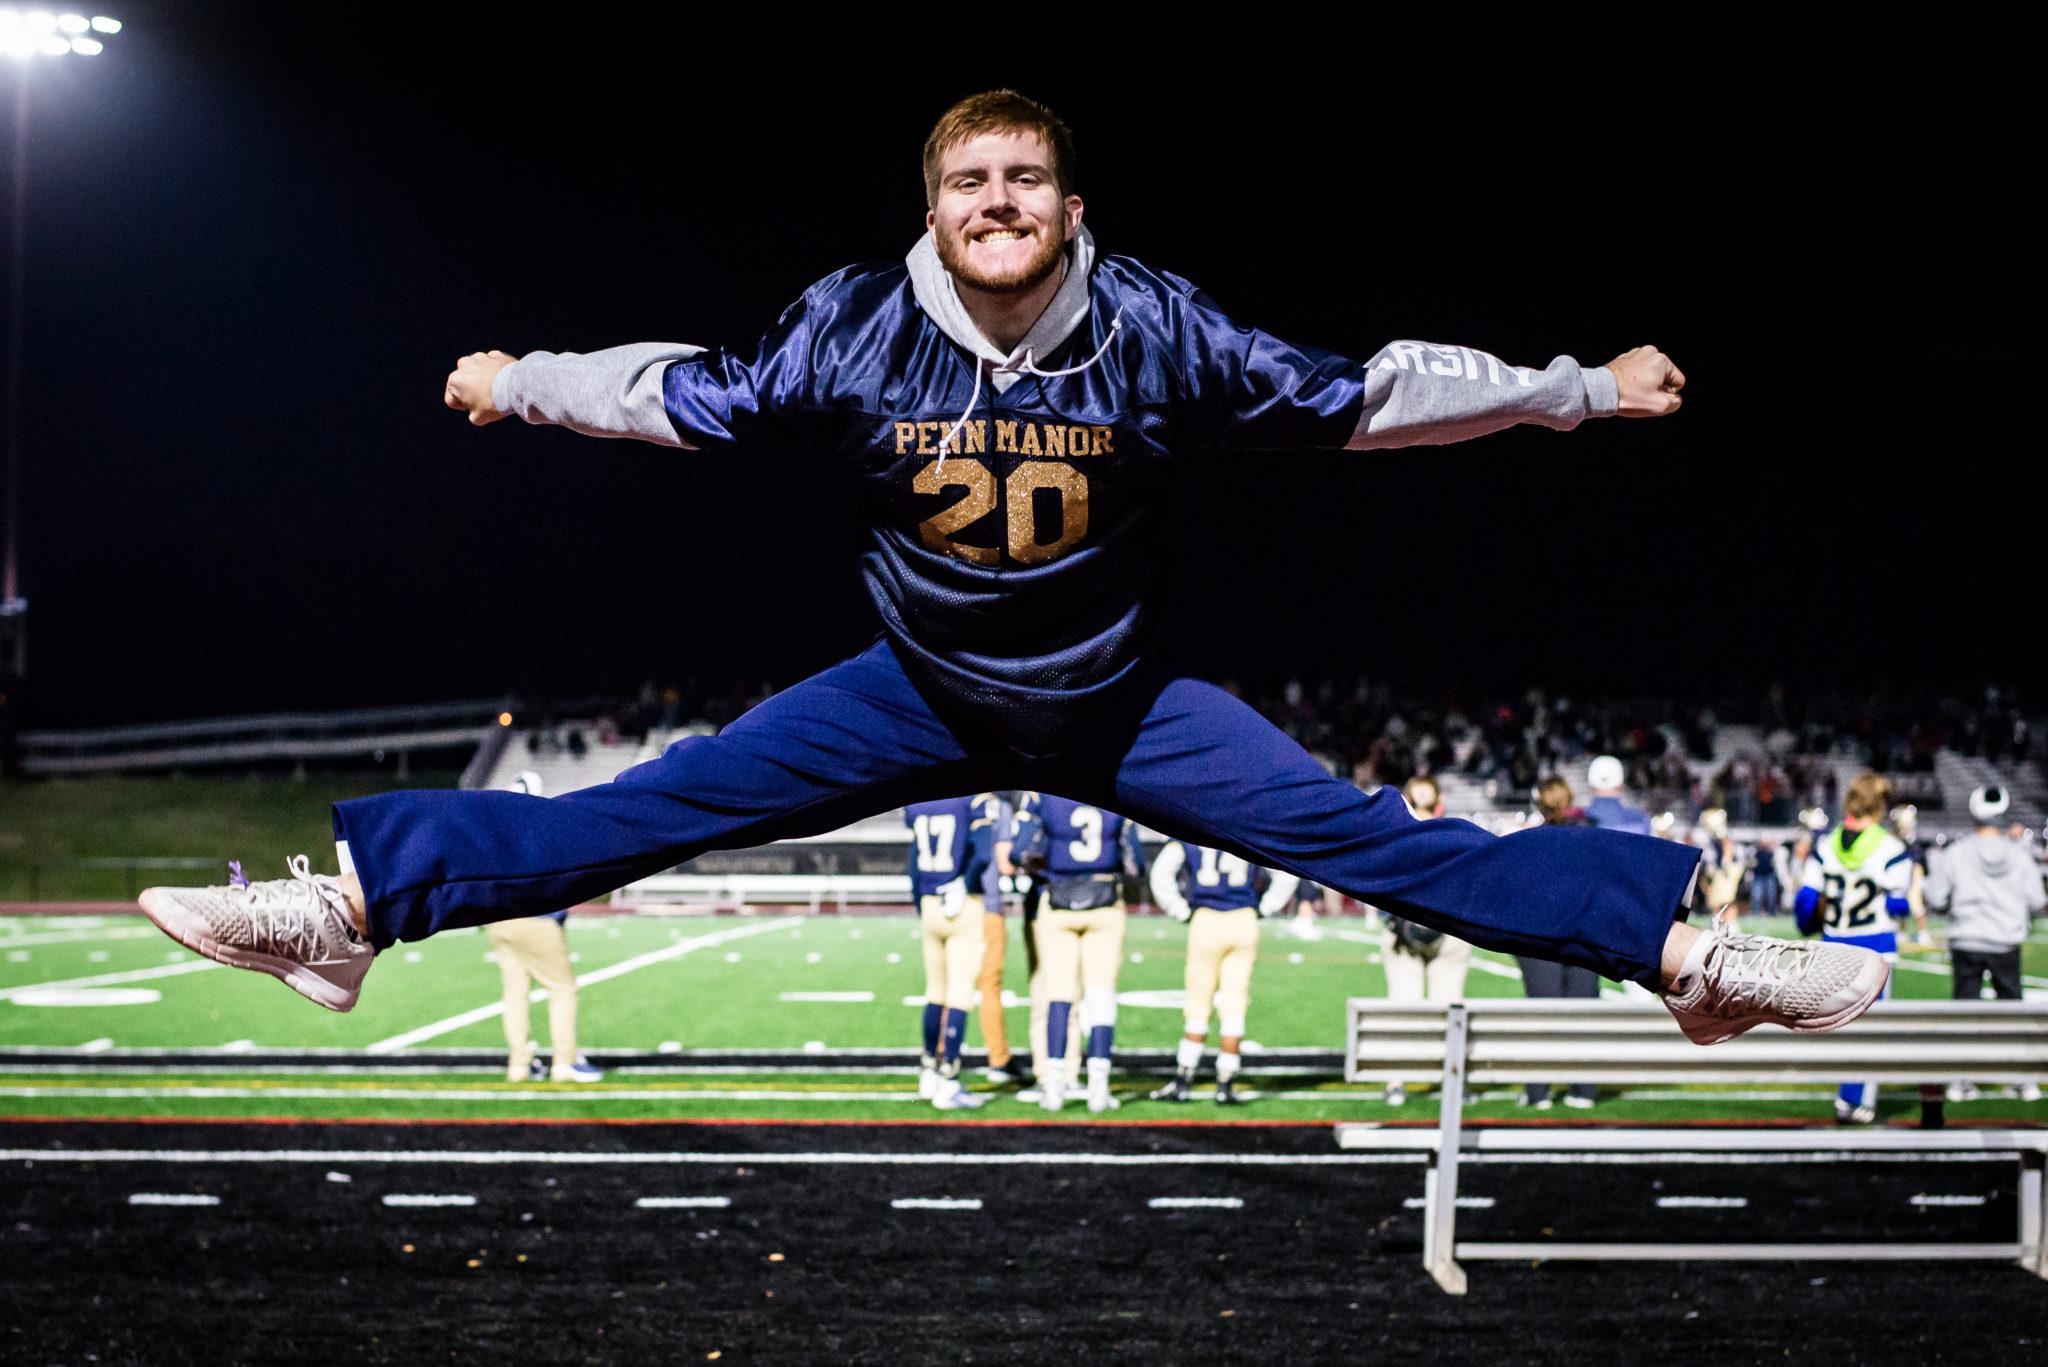 Cheerleader in mid air